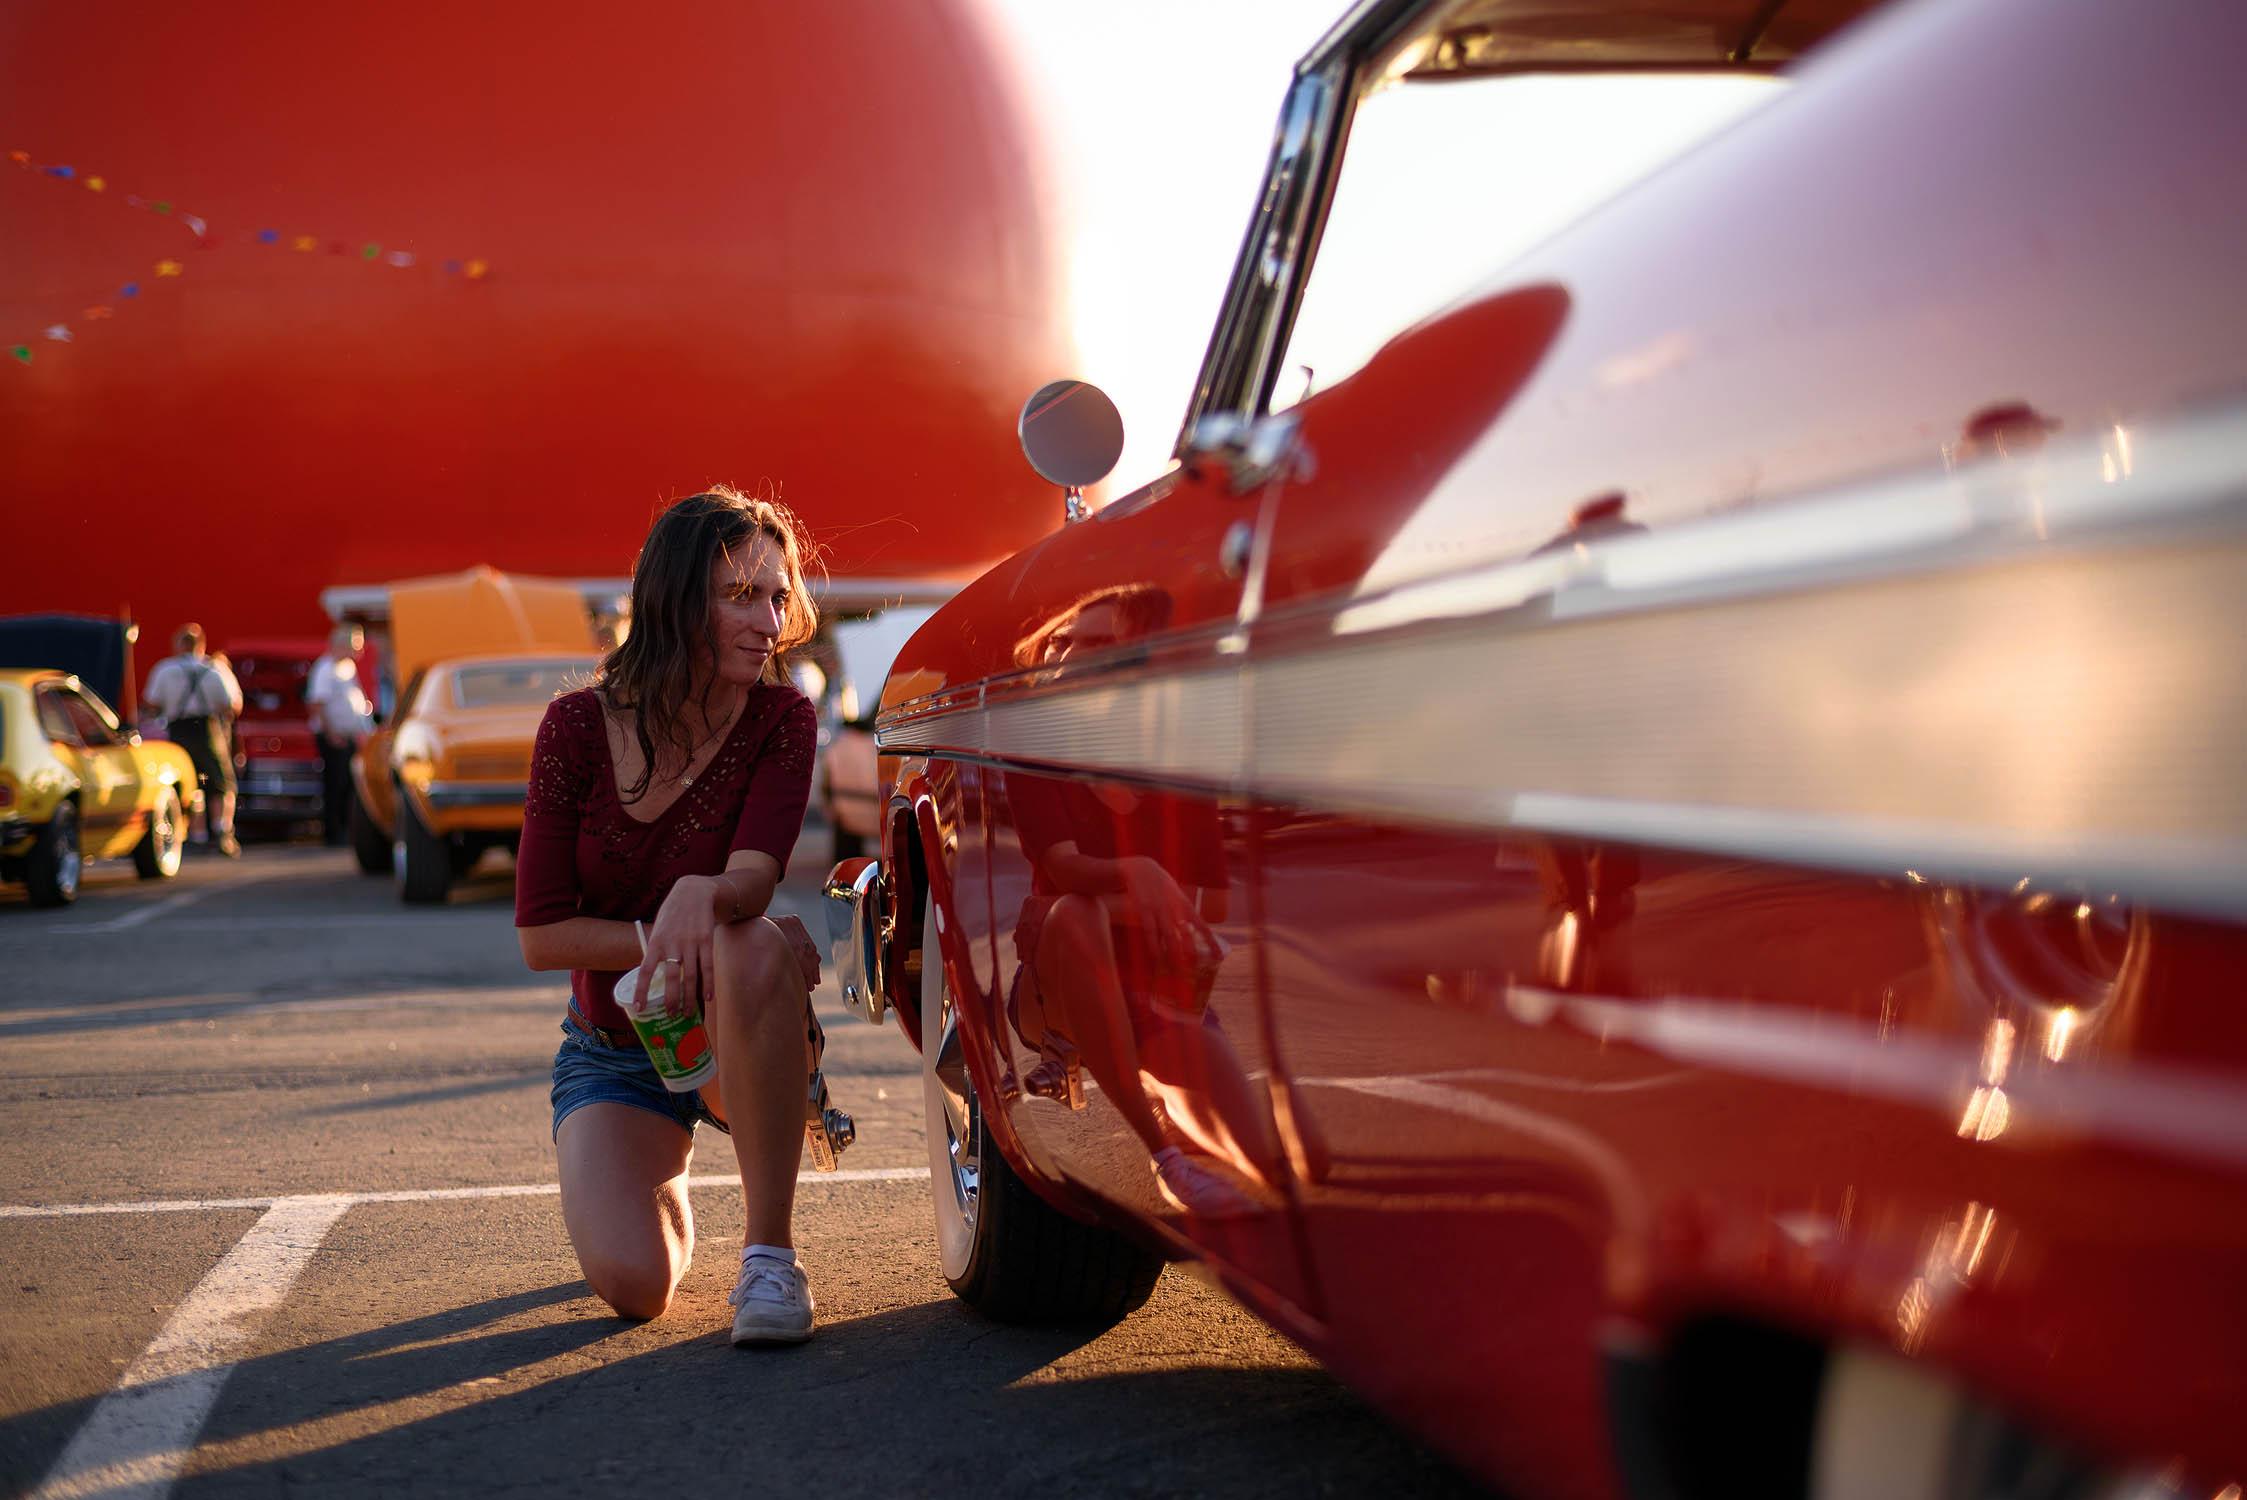 julep-cars-monika-story-40.jpg